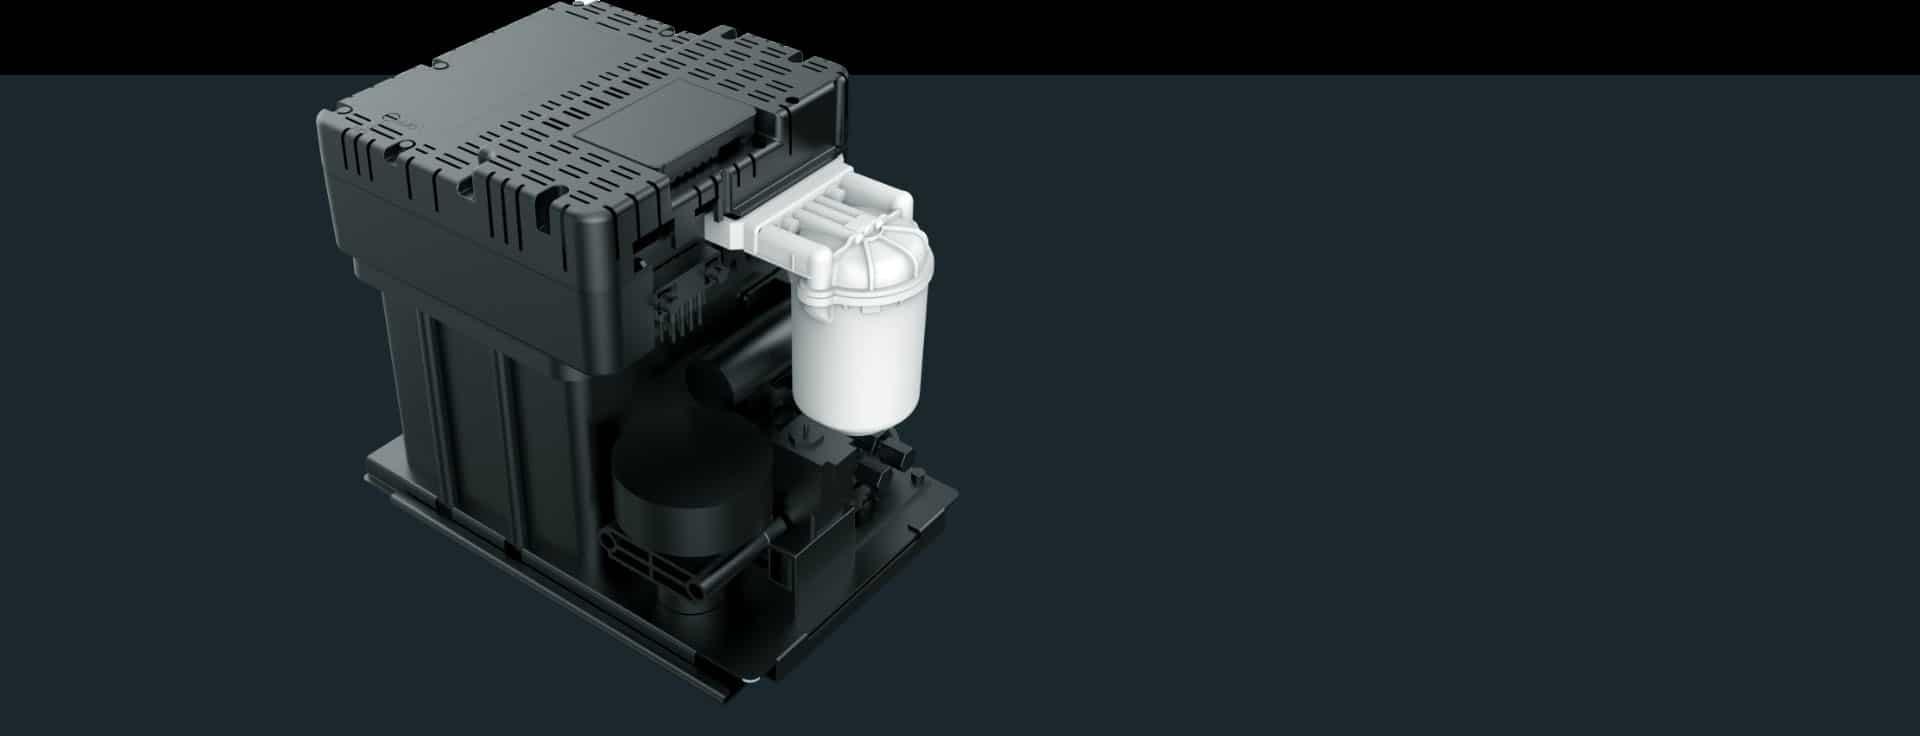 Краплеструменевий маркувальник Fastjet F560 Fastjet F540 єдиний фільтр